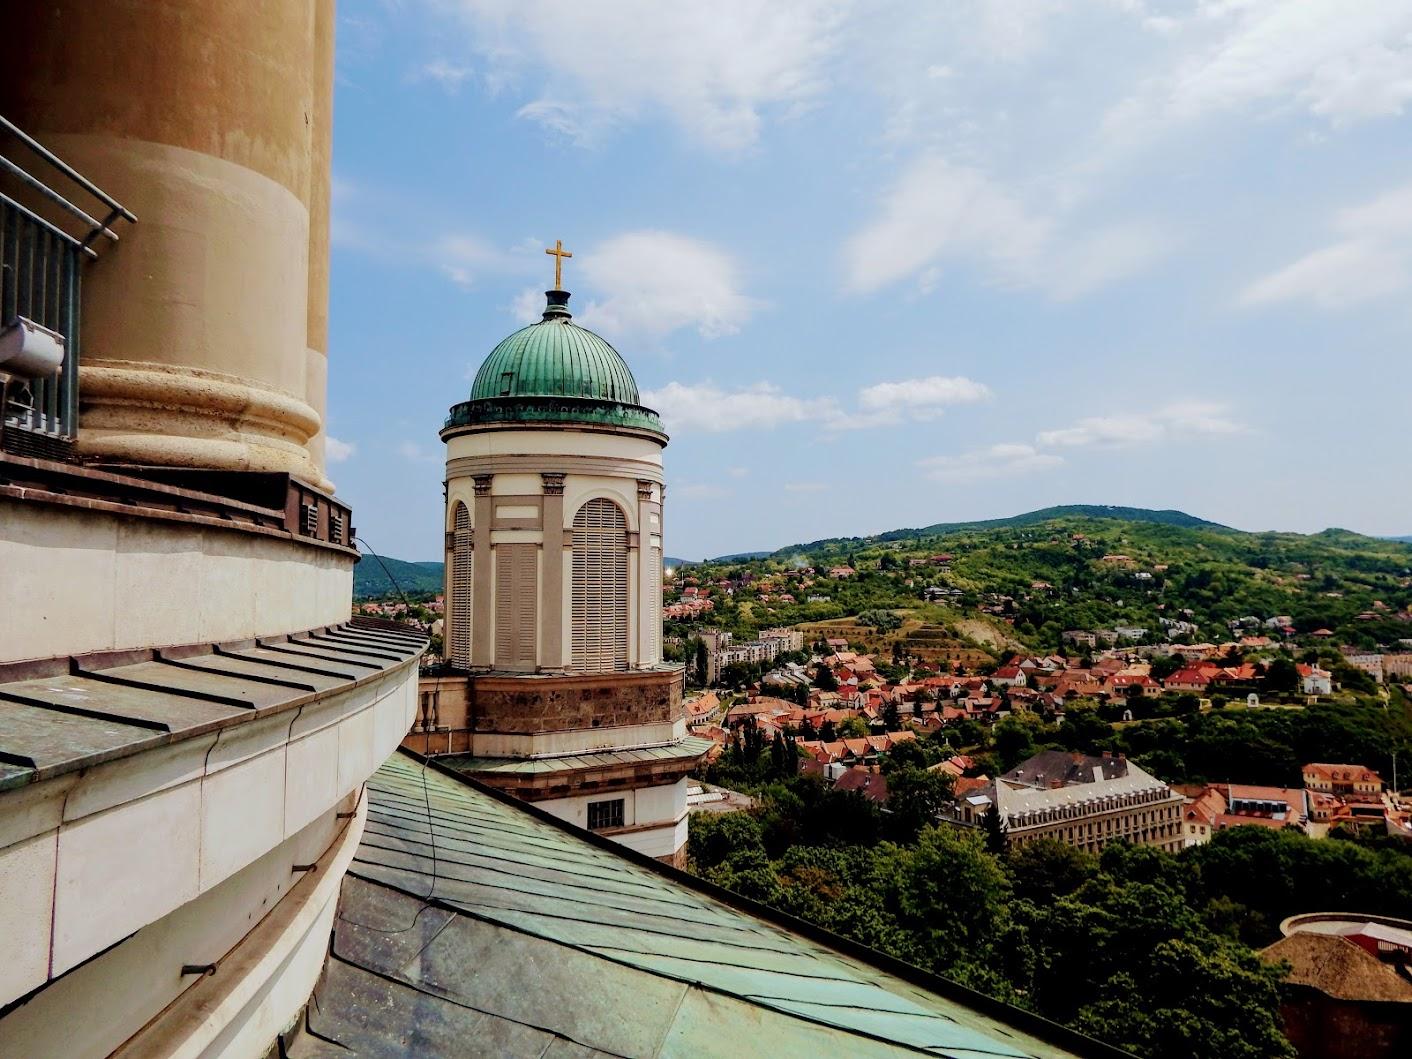 Esztergom - Nagyboldogasszony és Szent Adalbert főszékesegyház (a bazilika kívülről, közelből)